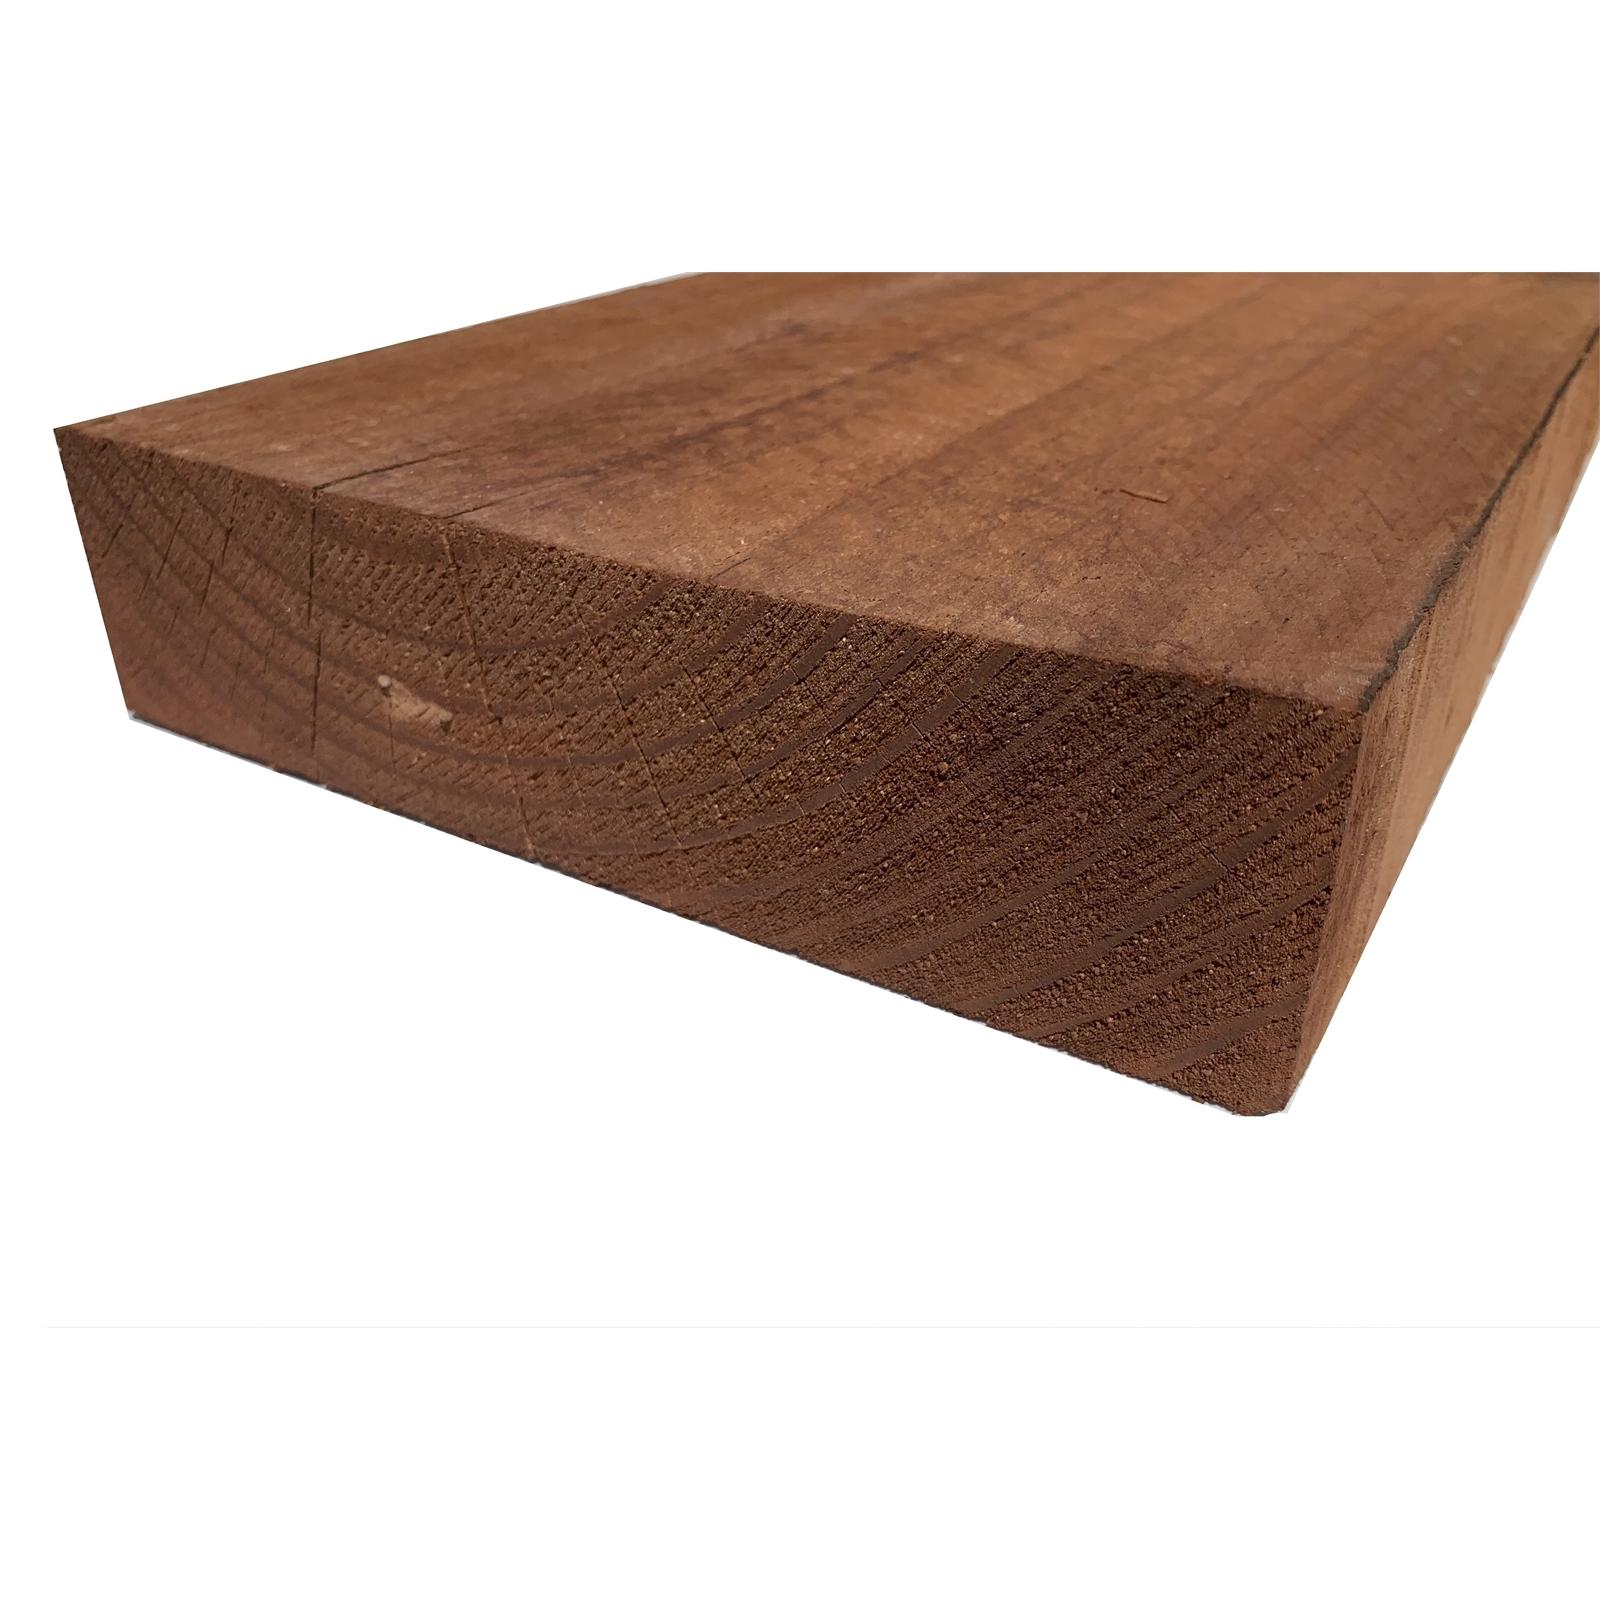 200 x 50mm 2.4m H4 Micropro Sienna Pine Sleeper